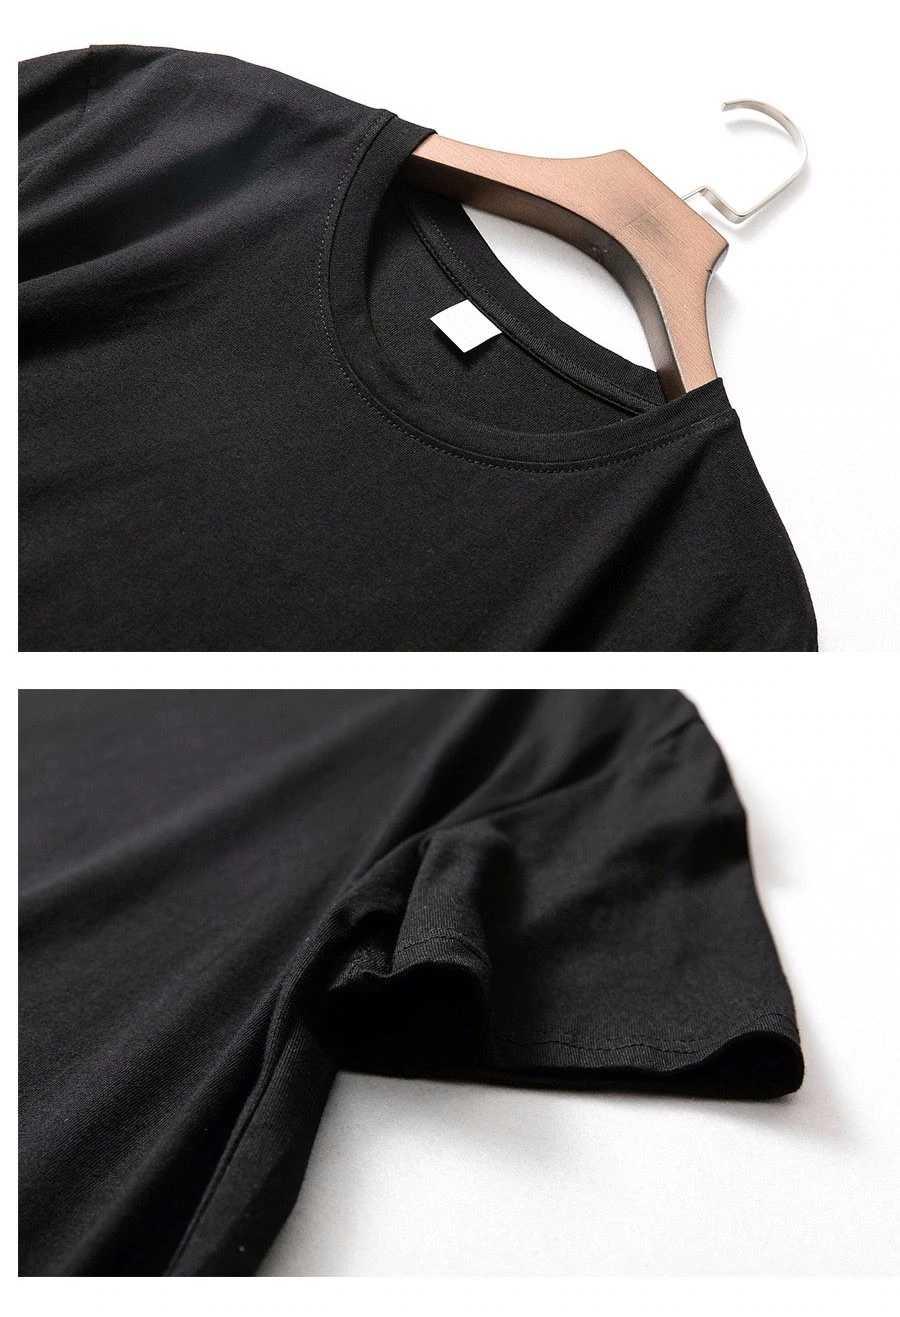 Camisetas de alta calidad 100% algodón talla grande para hombres Hipster verano camiseta negra de entrenamiento